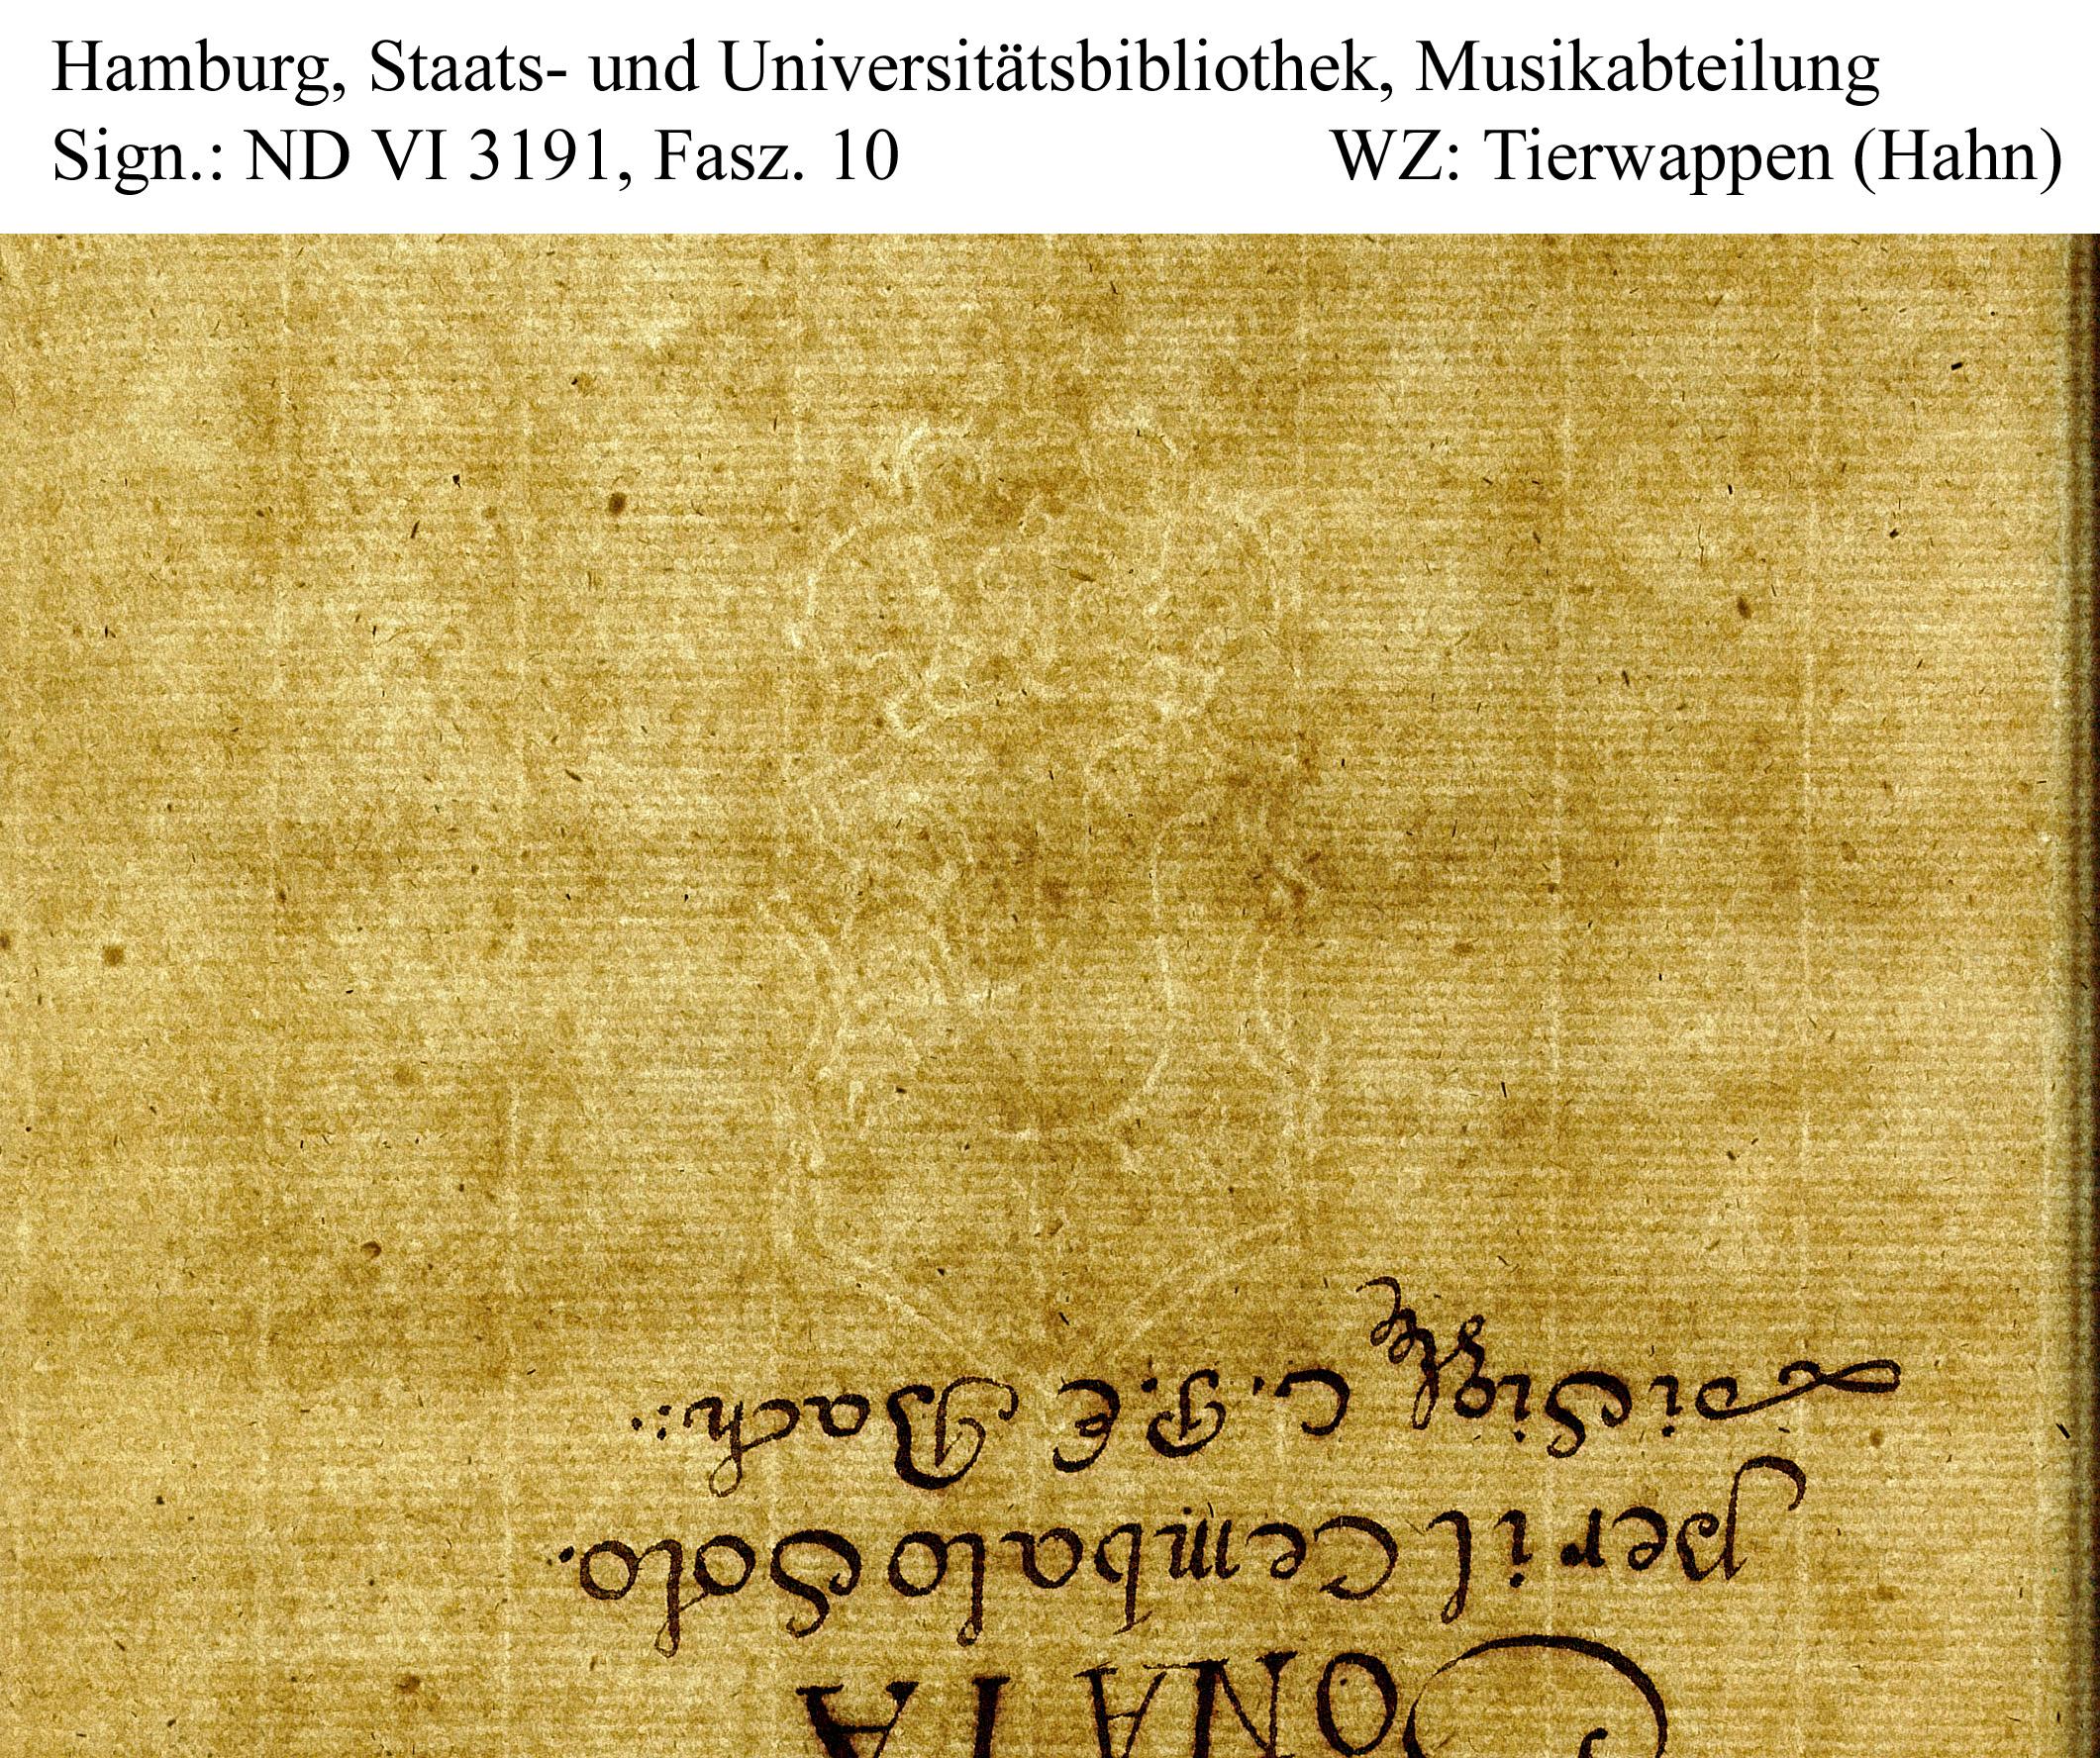 Bach digital: Wappen Hahn dhs08